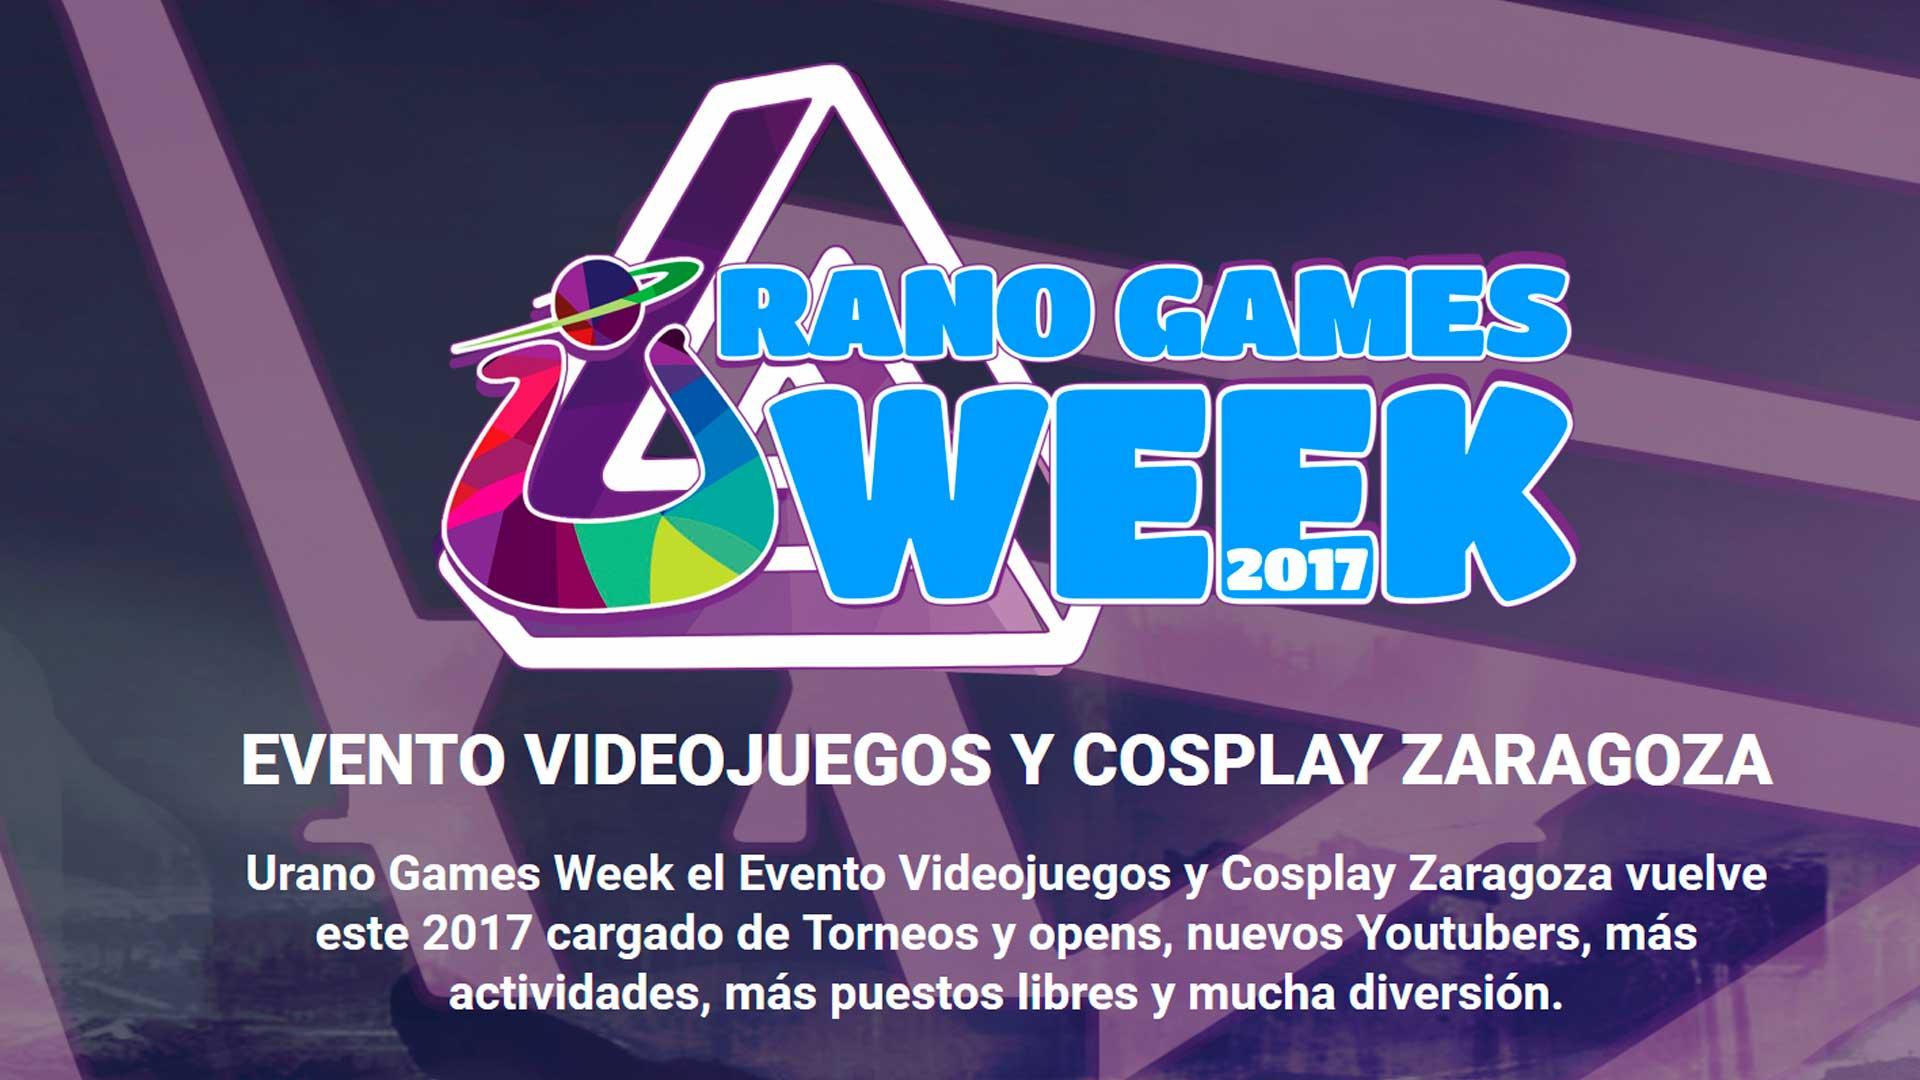 Wallpaper Urano Games como Logo oficial del proyecto